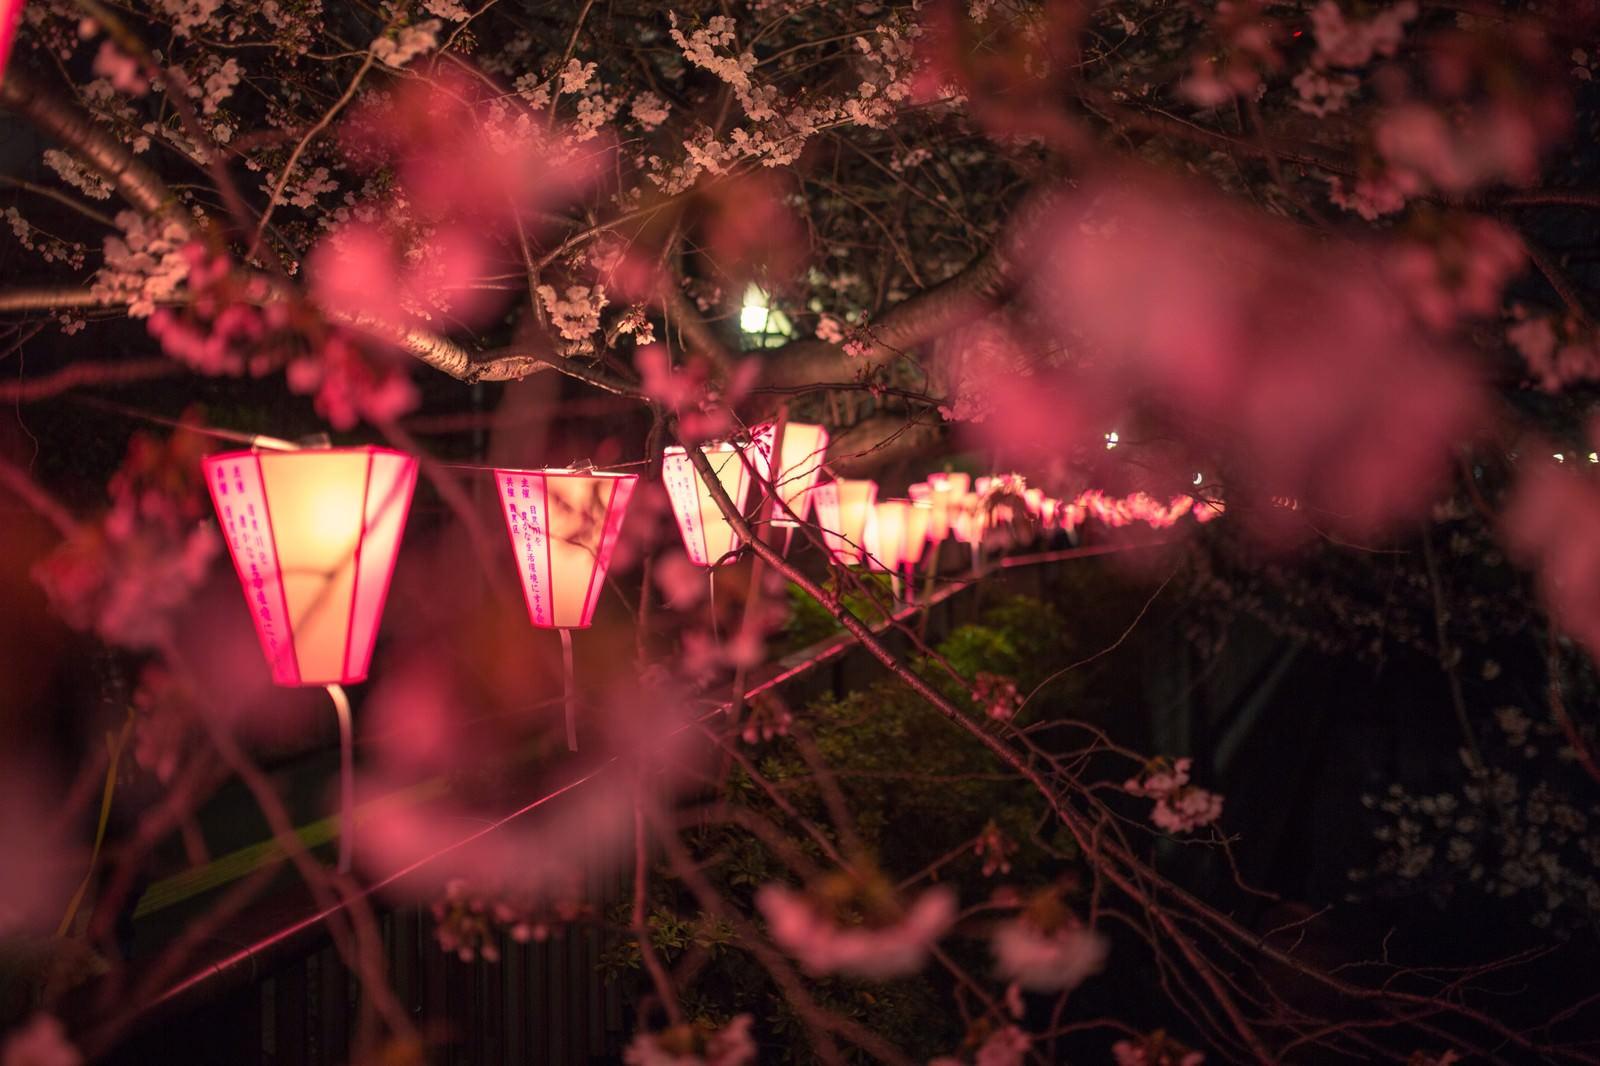 「目黒川の夜桜と提灯目黒川の夜桜と提灯」のフリー写真素材を拡大